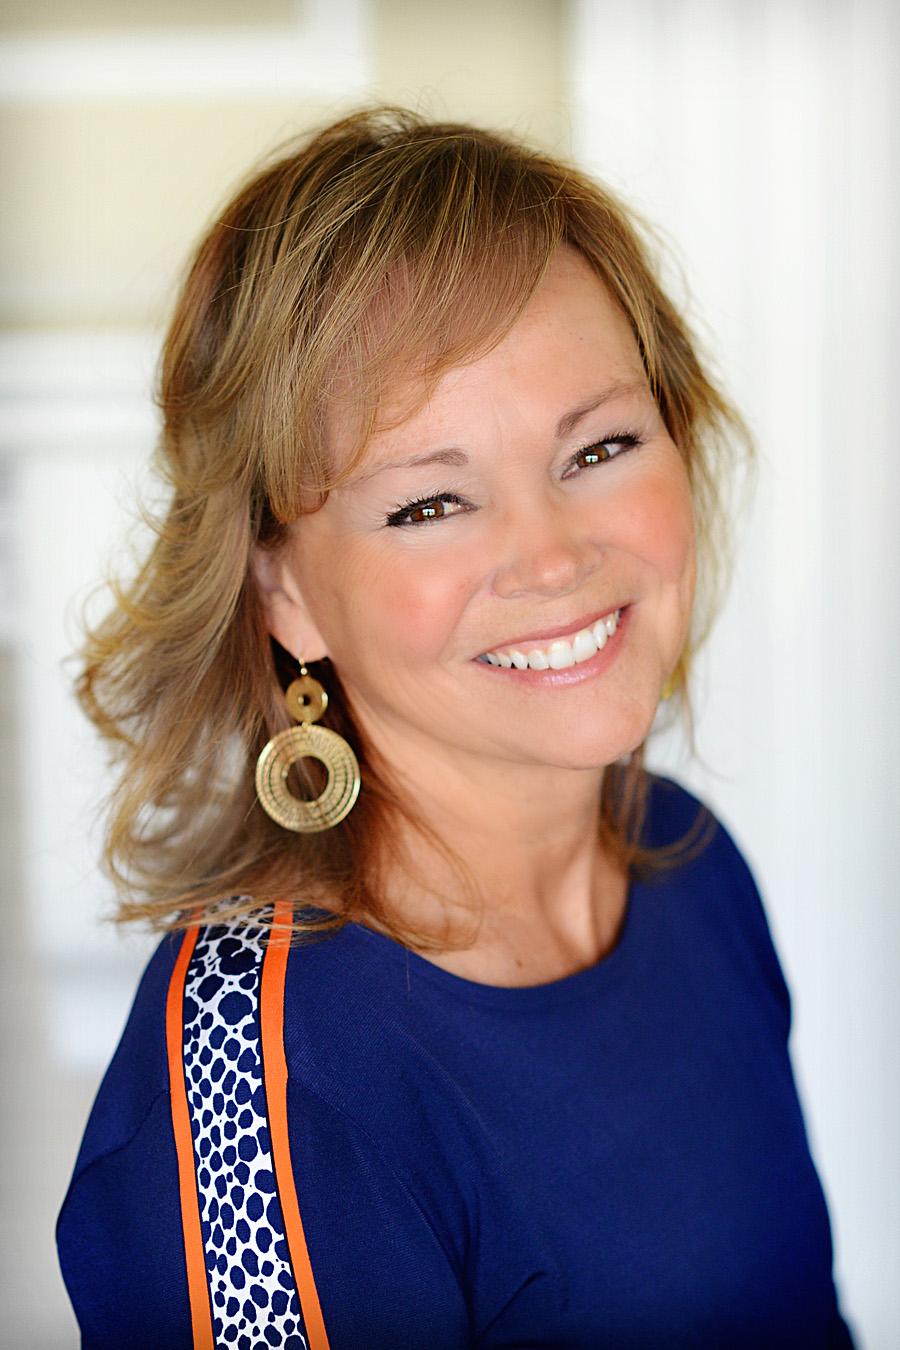 Christina Grandmaison